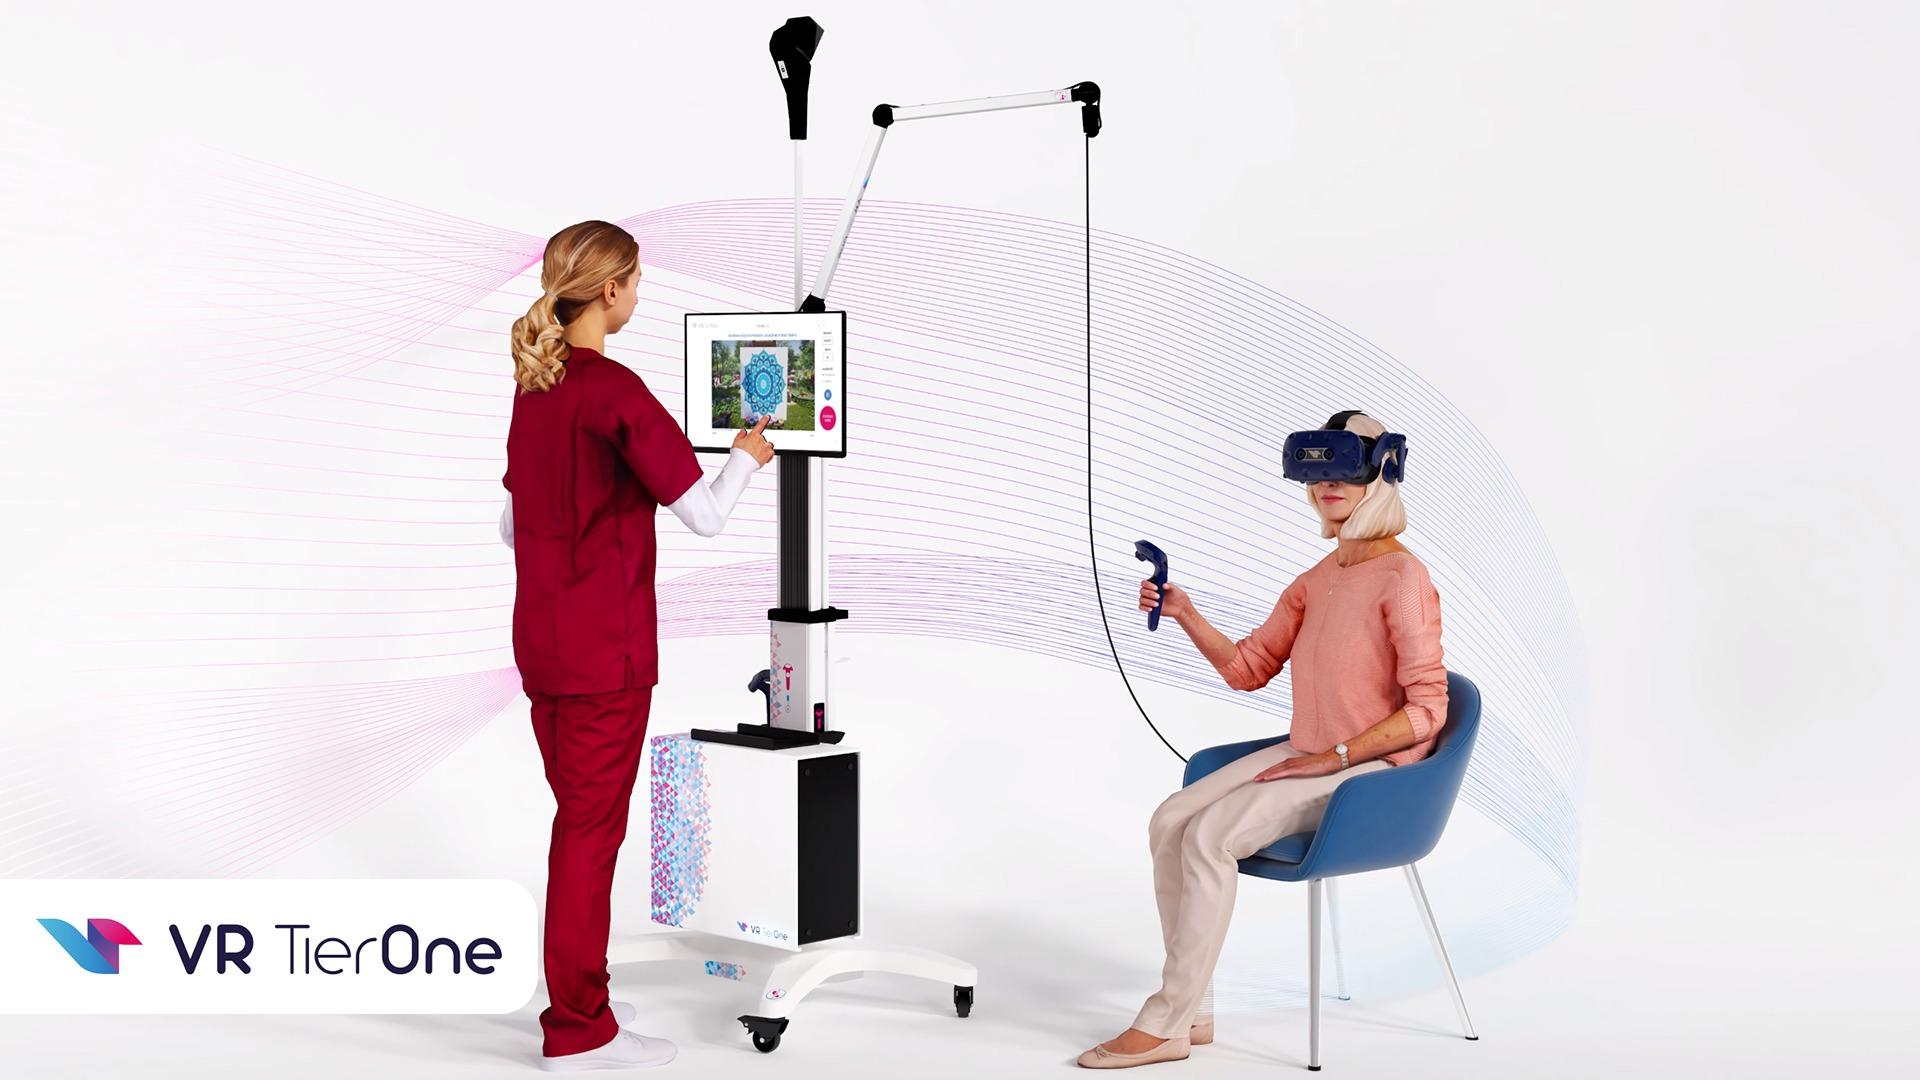 VR TierOne durch die Augen des Patienten und des medizinischen Personals gesehen